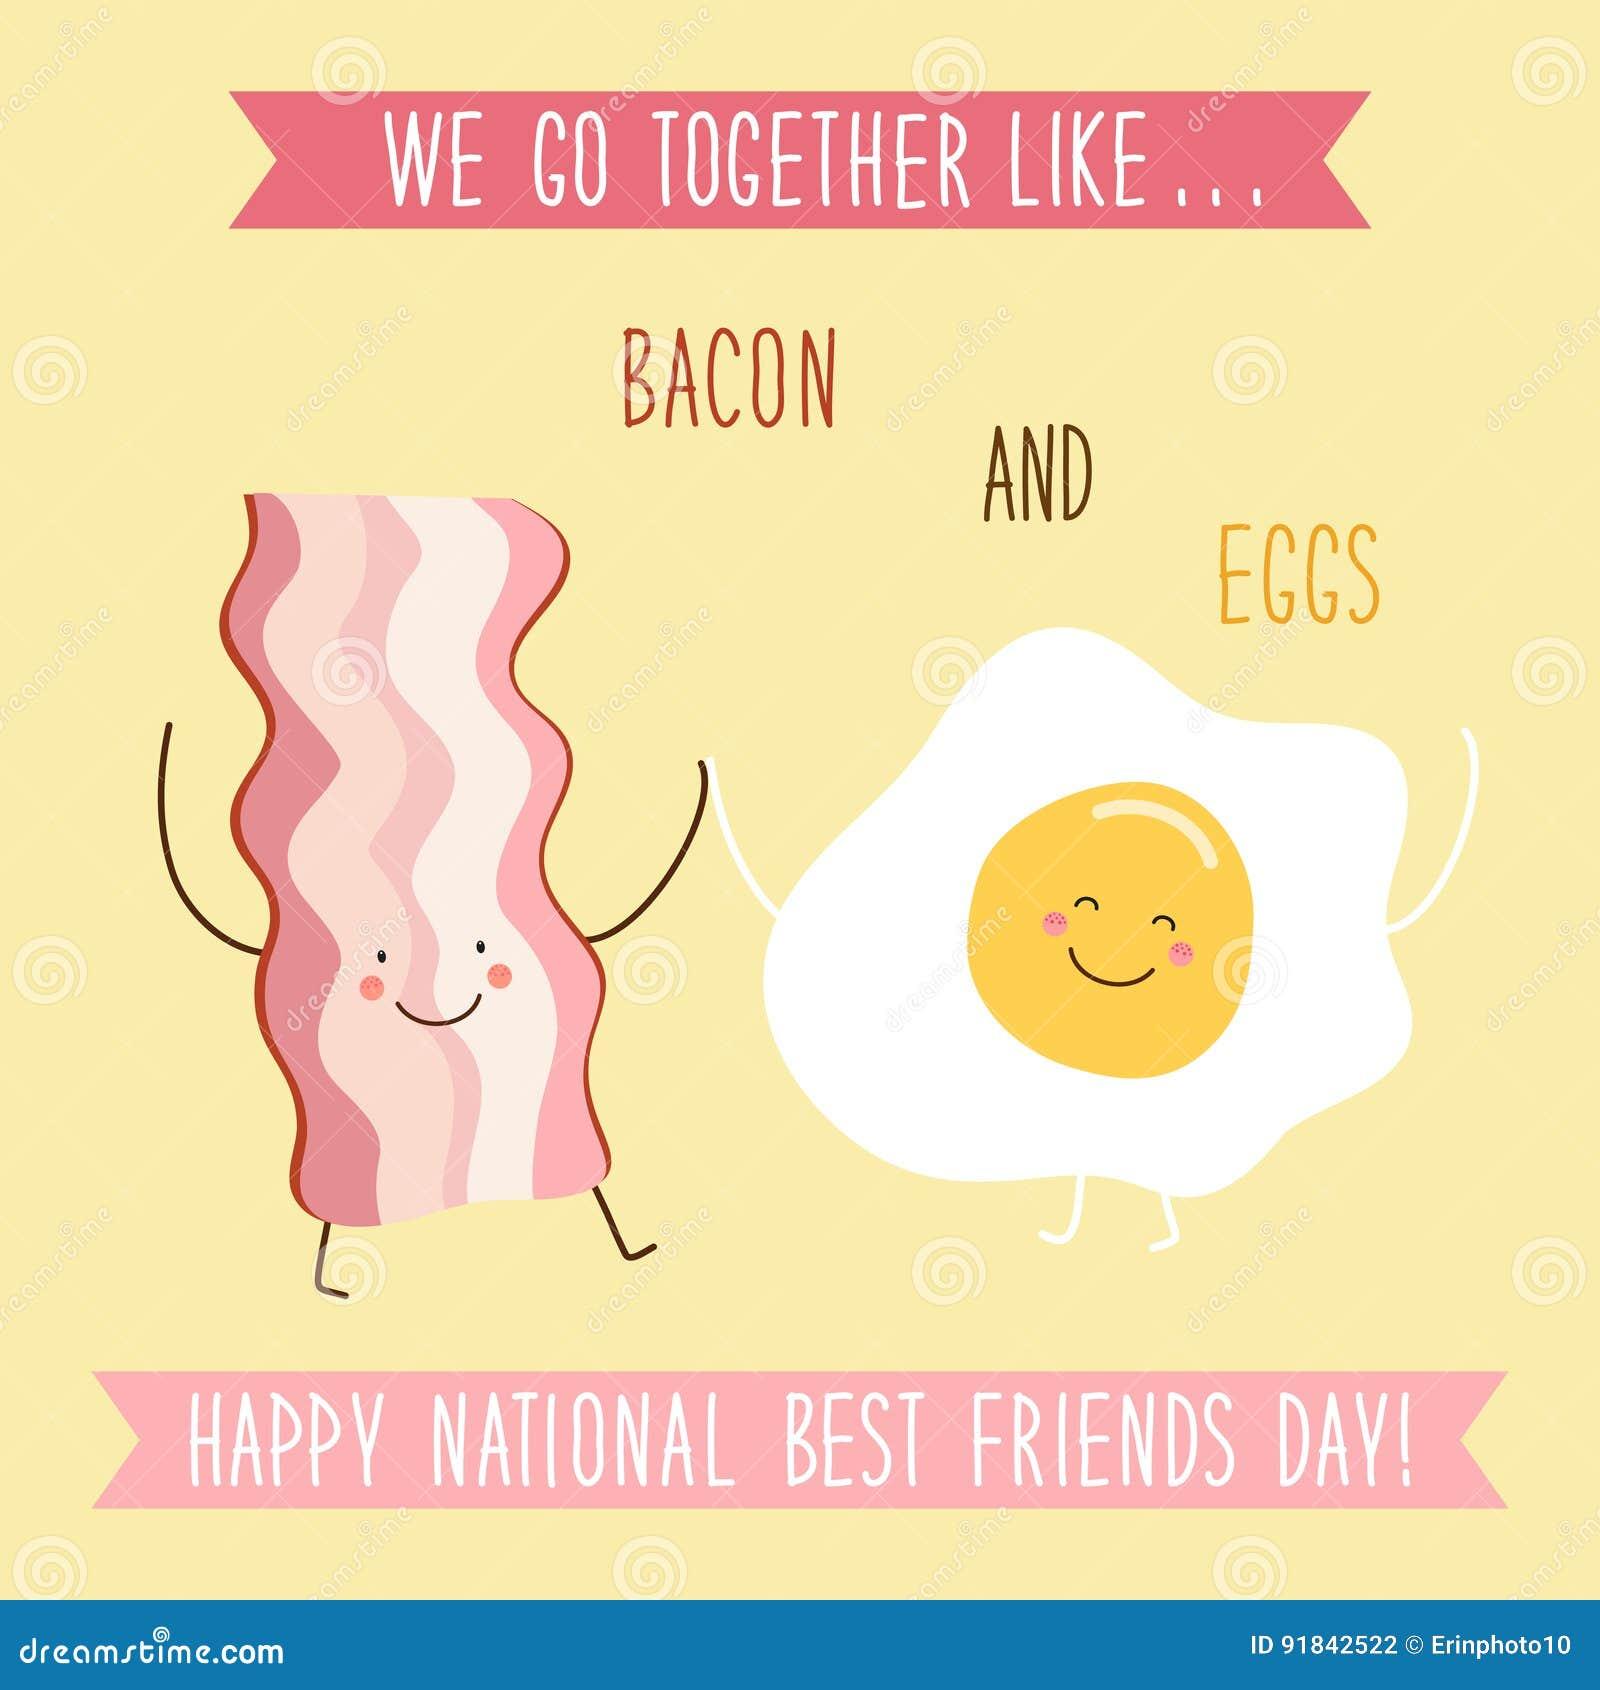 Χαριτωμένη ασυνήθιστη εθνική κάρτα ημέρας καλύτερων φίλων ως αστείους συρμένους χέρι χαρακτήρες κινουμένων σχεδίων και γραπτό χέρ